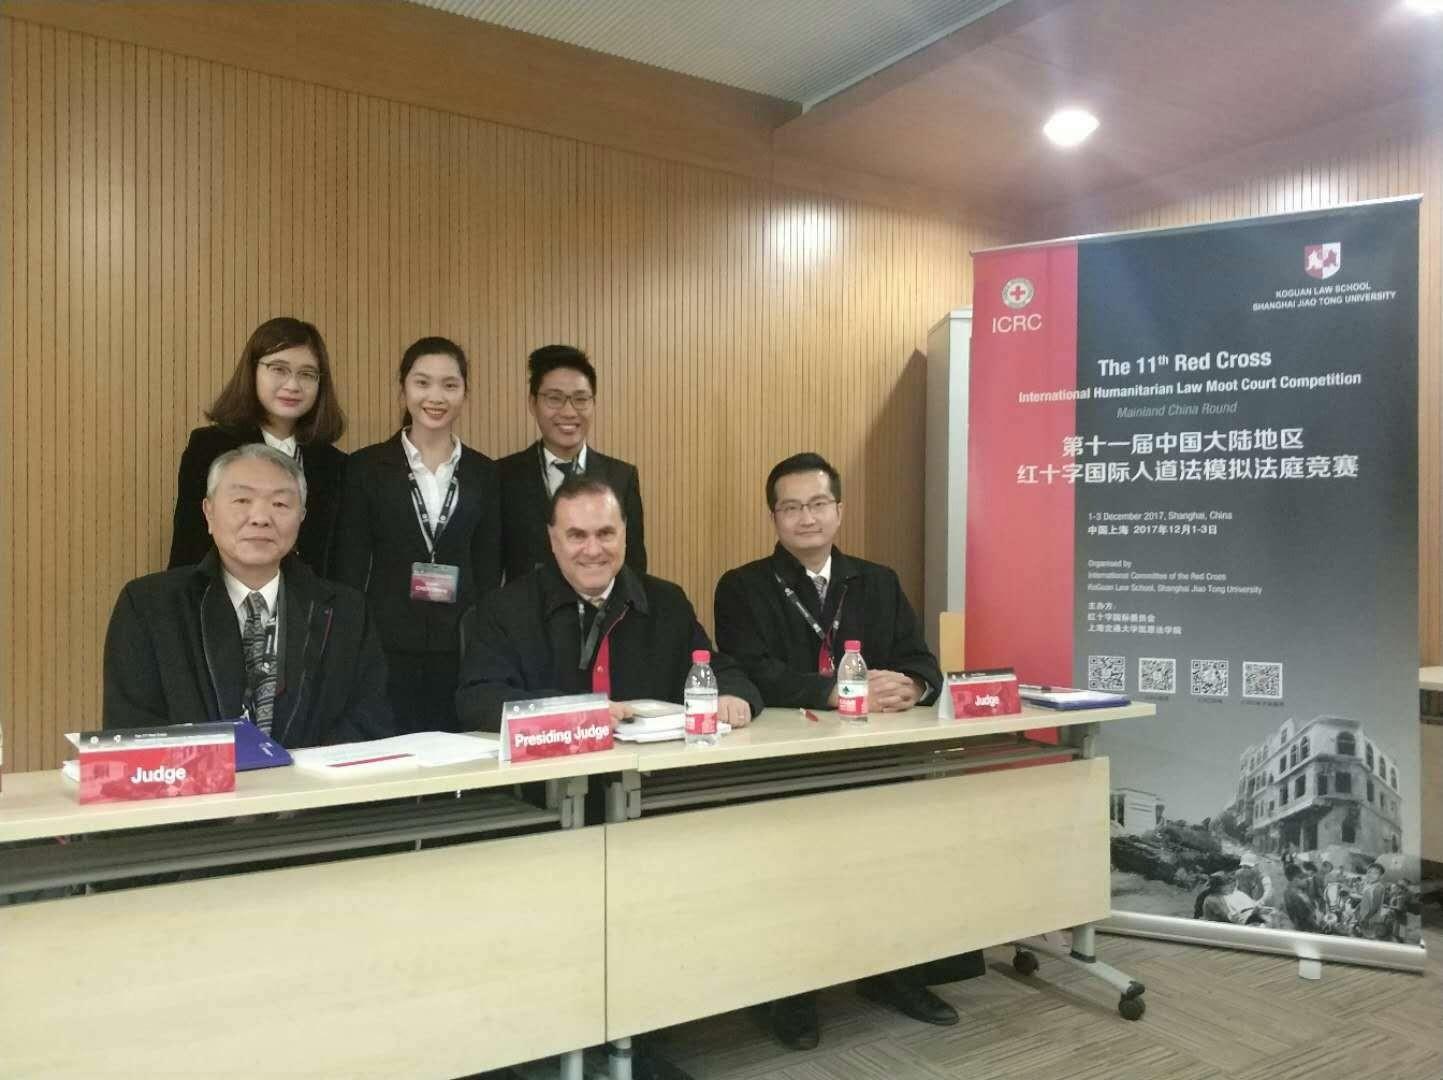 国际法学院代表队荣获第十一届中国大陆地区红十字国际人道法模拟法庭竞赛一等奖